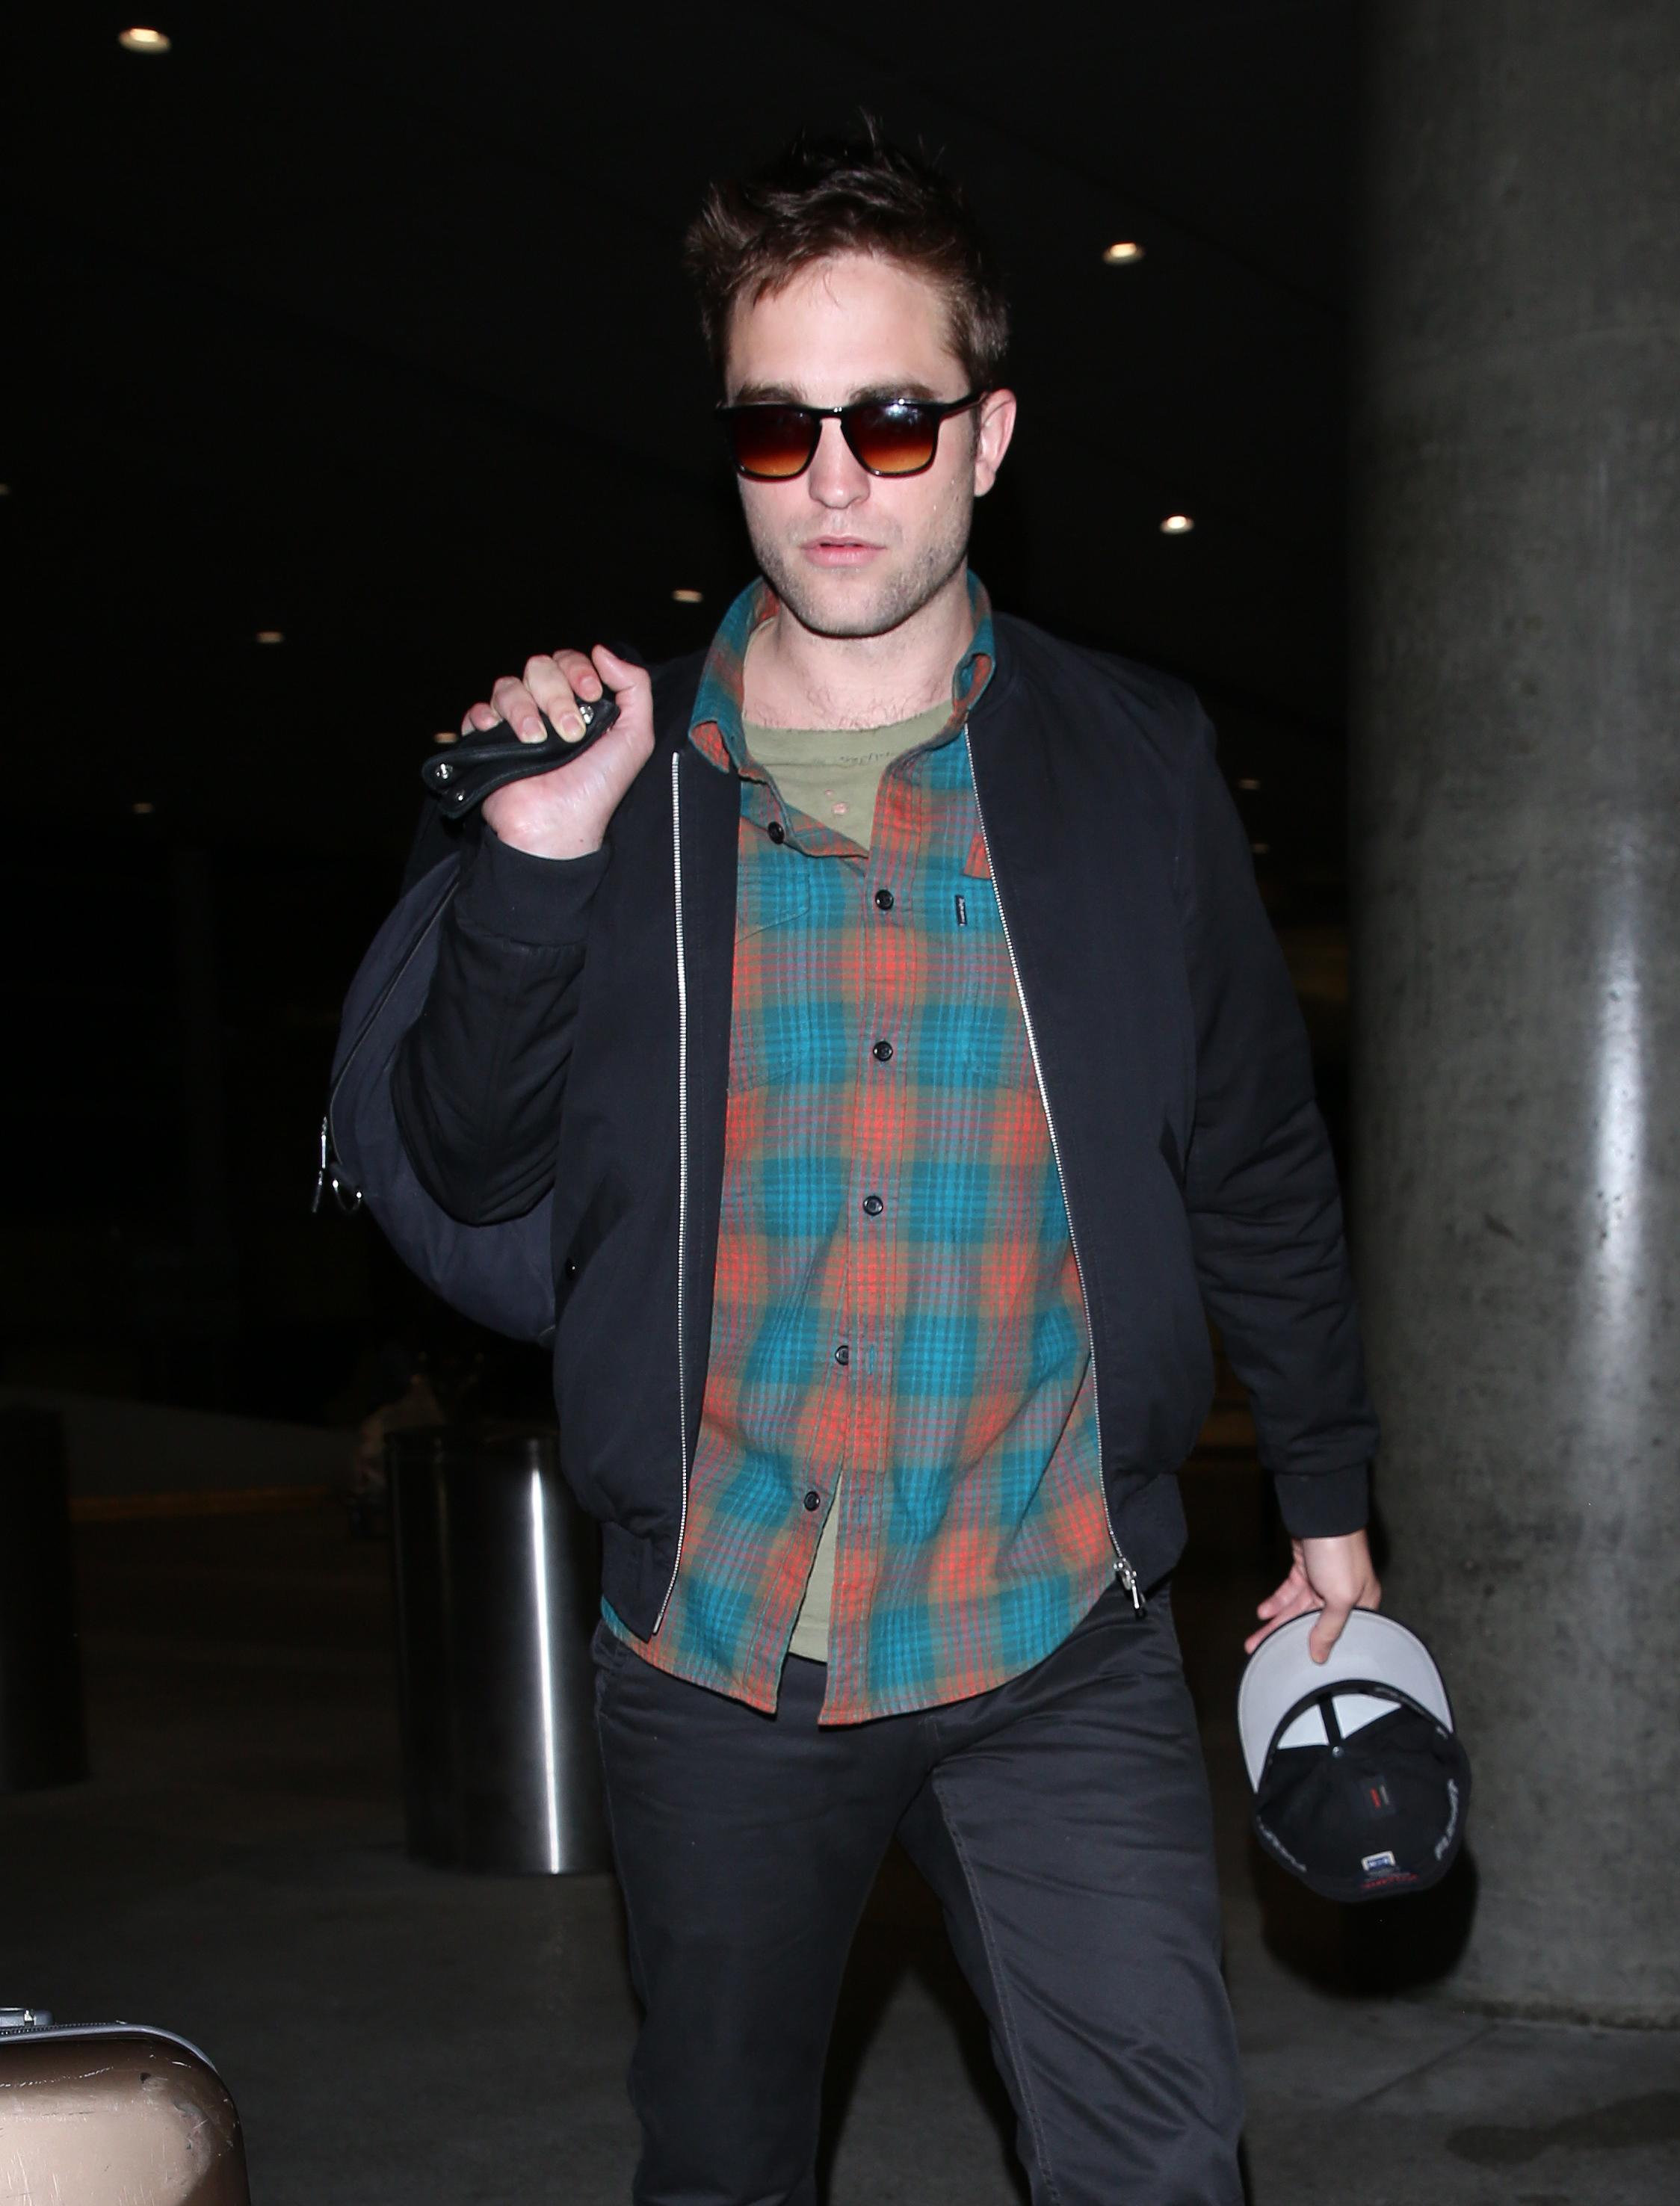 Fotos de Robert Pattinson chegando em Los Angeles